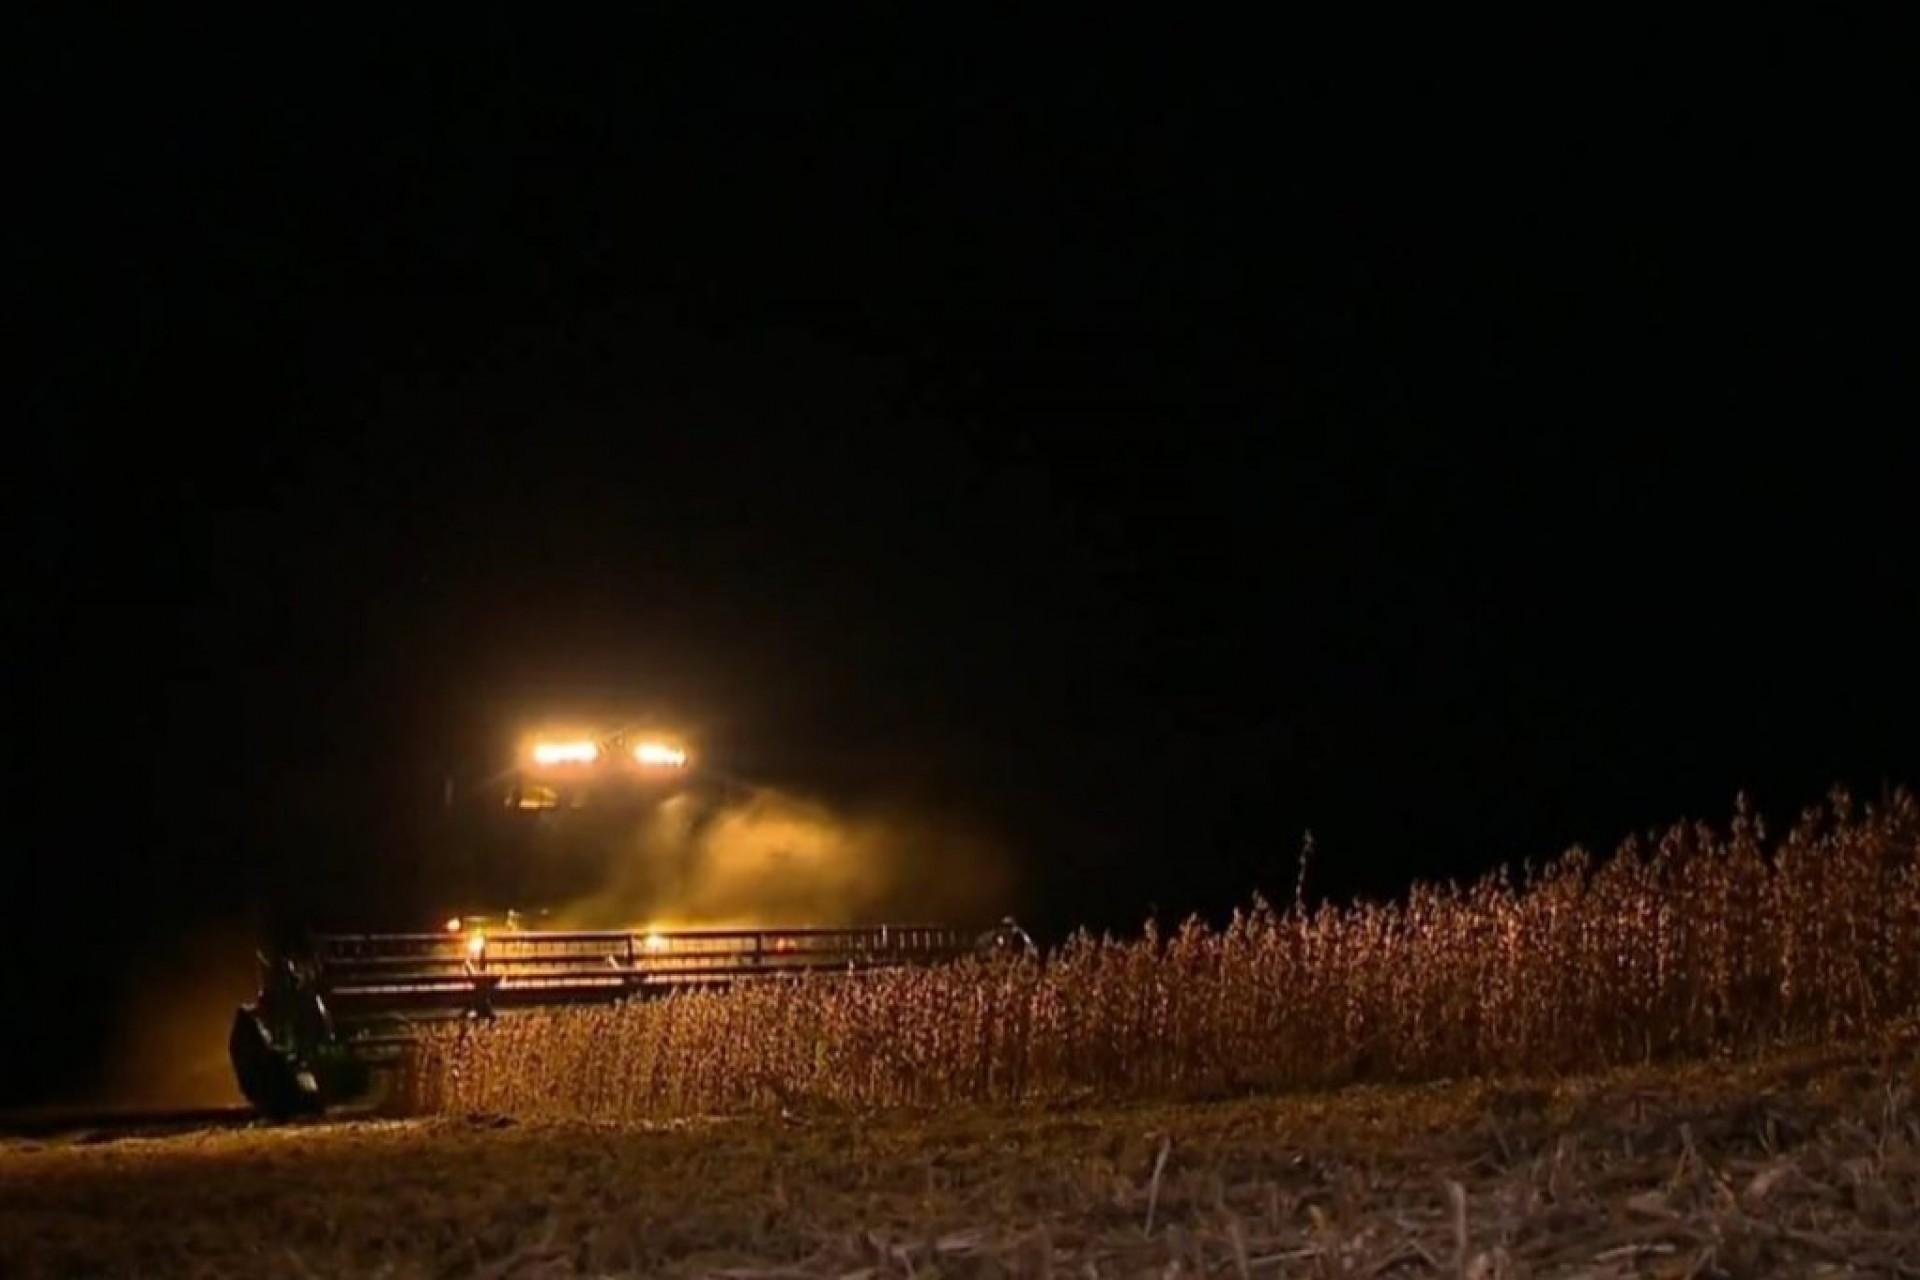 Ladrões fazem a colheita de soja durante a madruga